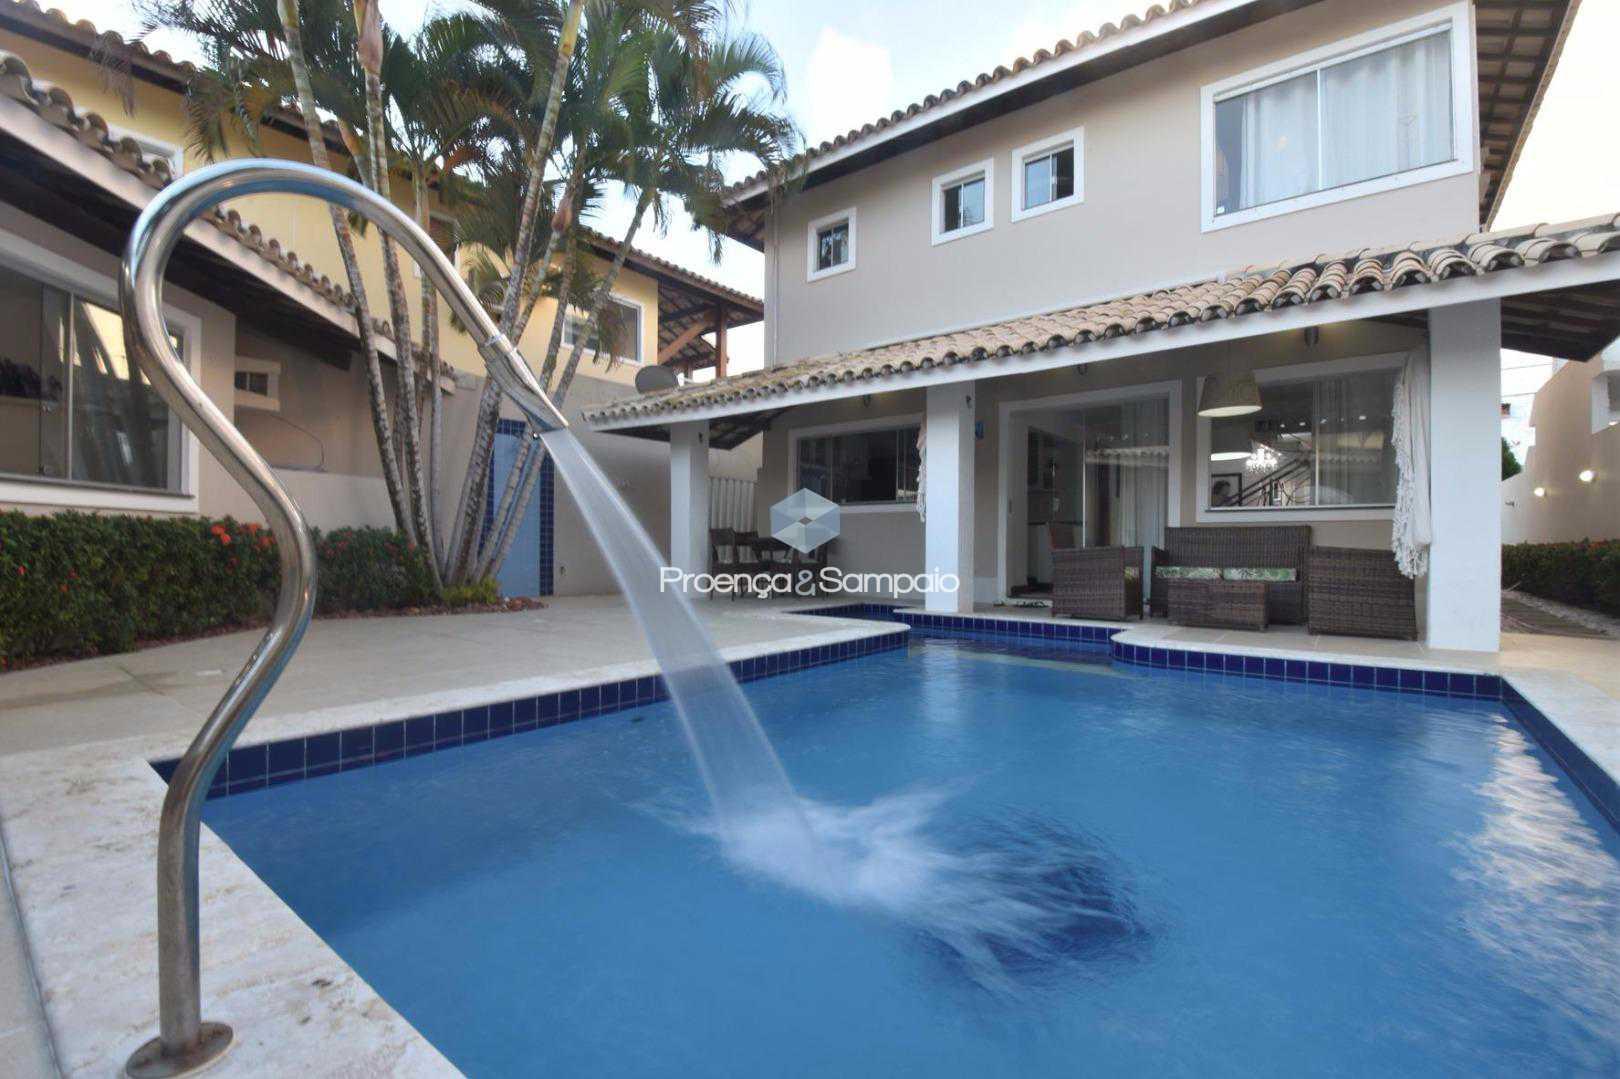 FOTO0 - Casa em Condomínio 4 quartos à venda Lauro de Freitas,BA - R$ 870.000 - PSCN40007 - 1